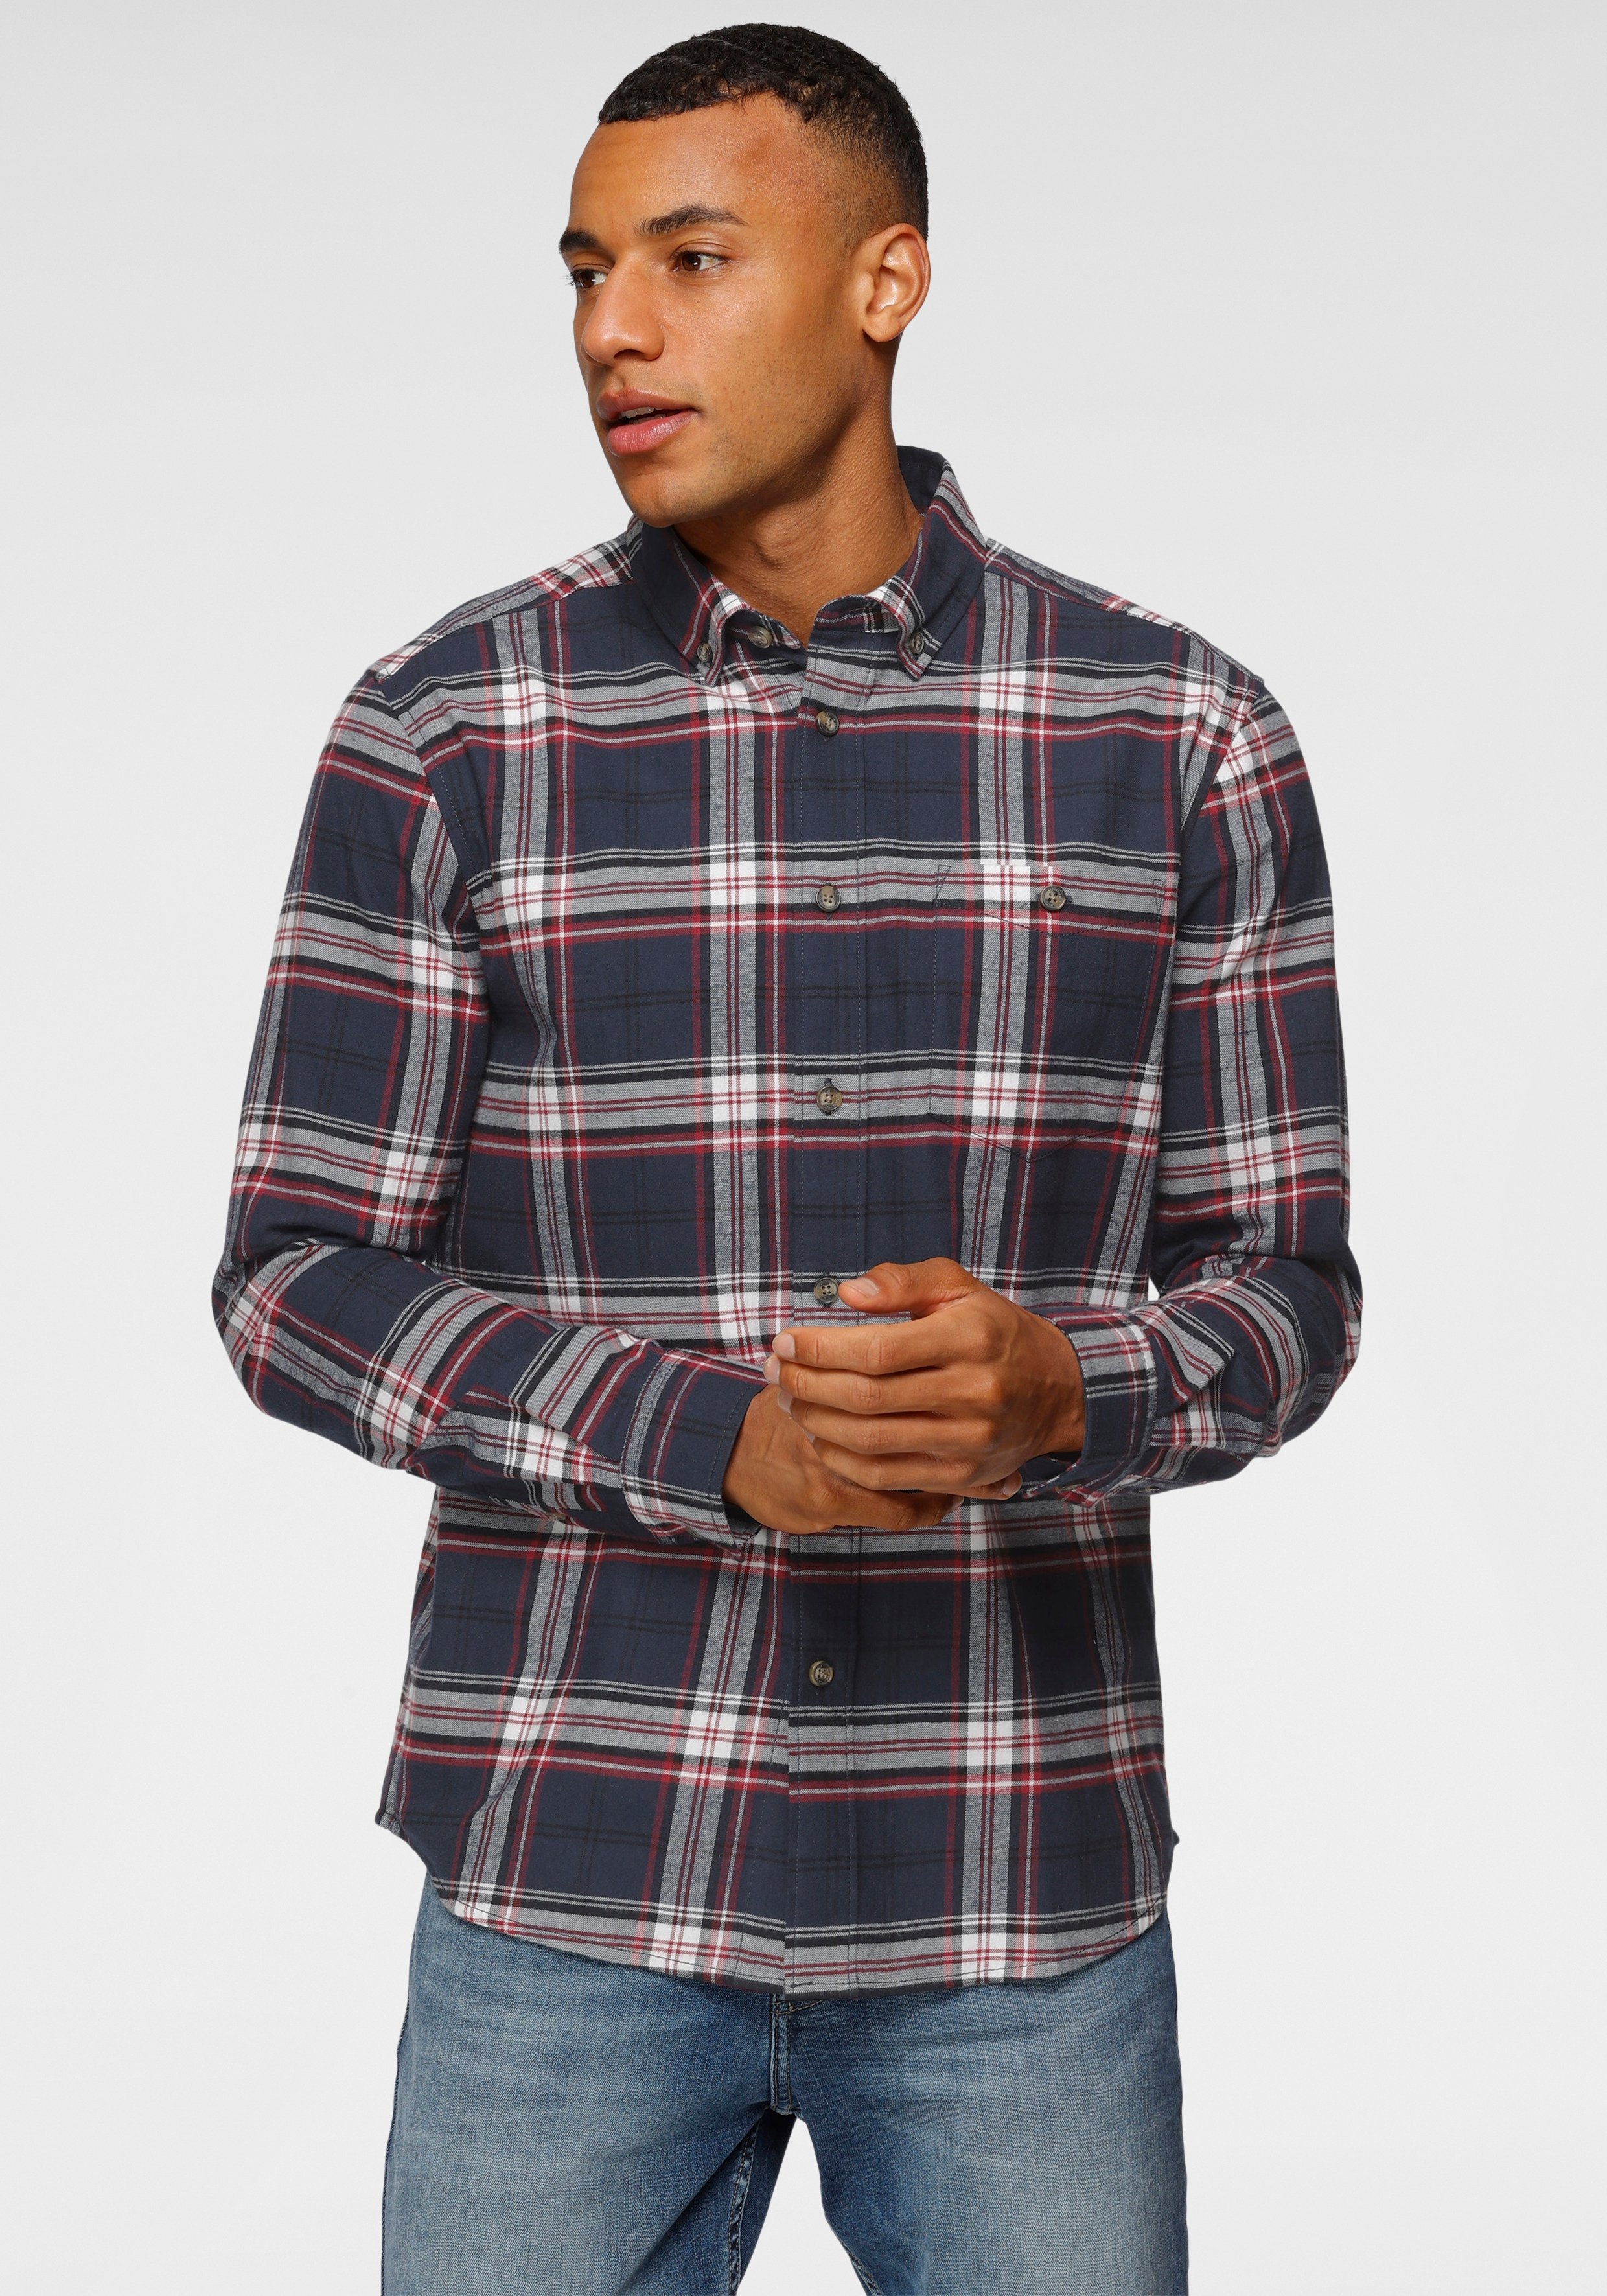 H.I.S overhemd met lange mouwen met button-downkraag nu online kopen bij OTTO